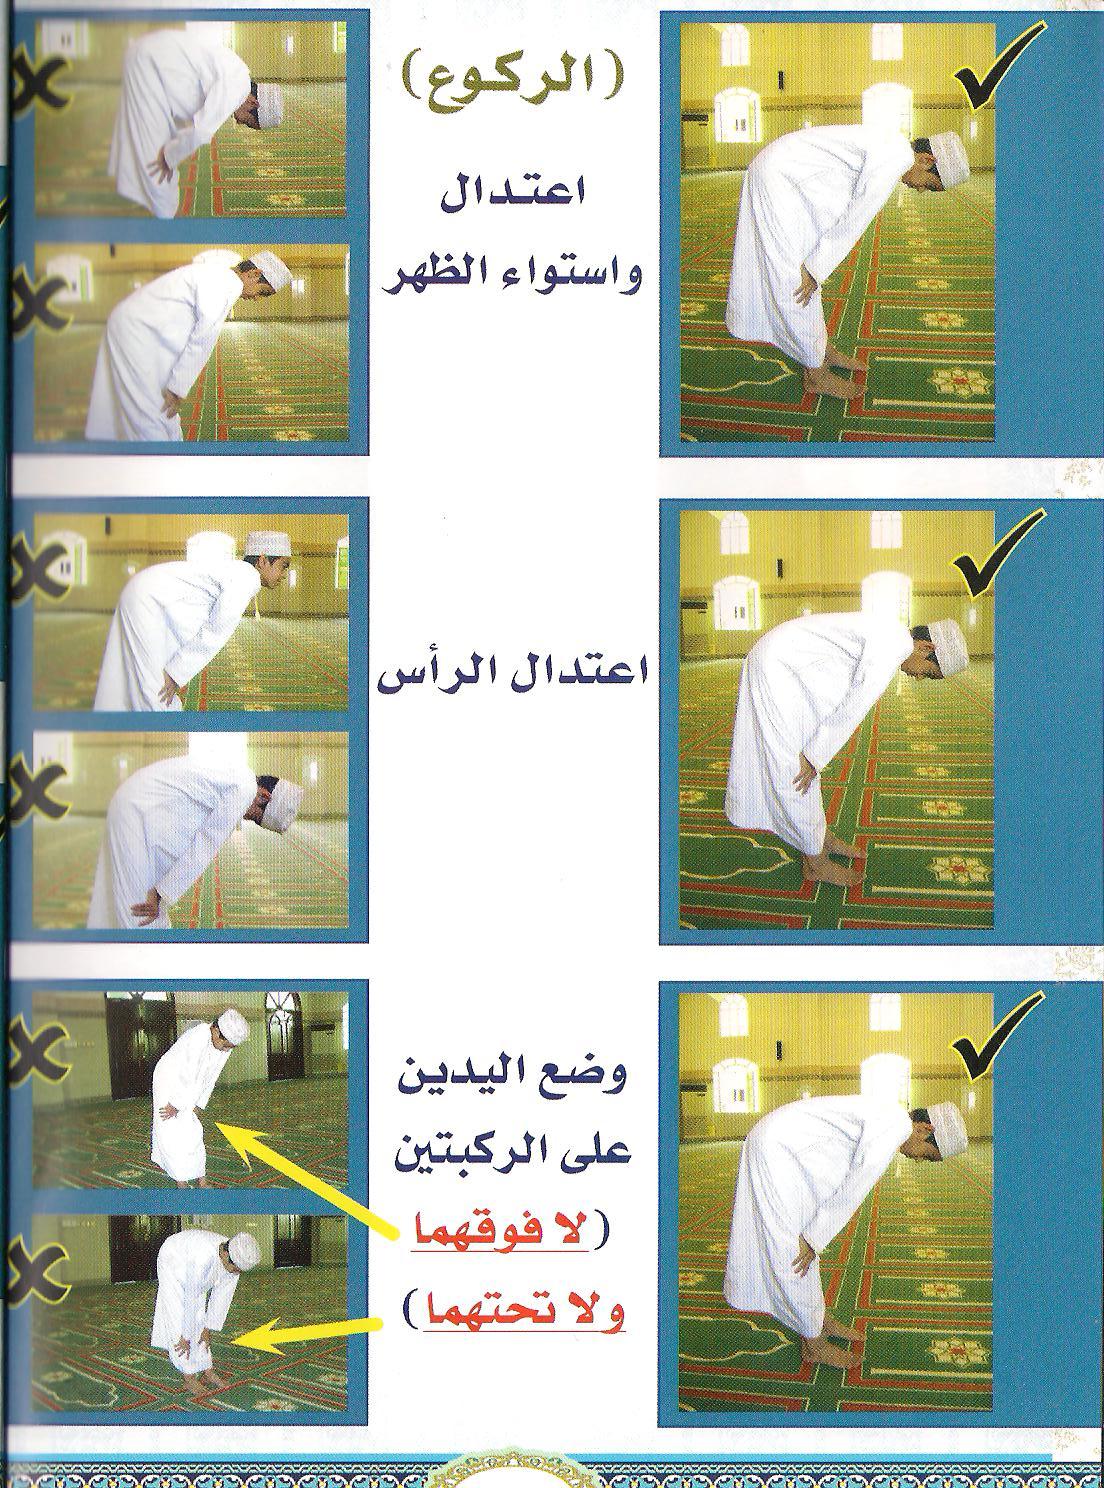 بالصور كيفية الصلاة الصحيحة بالصور للنساء , احكام يجب على كل فتاة معرفتها بخصوص الصلاة 5112 5